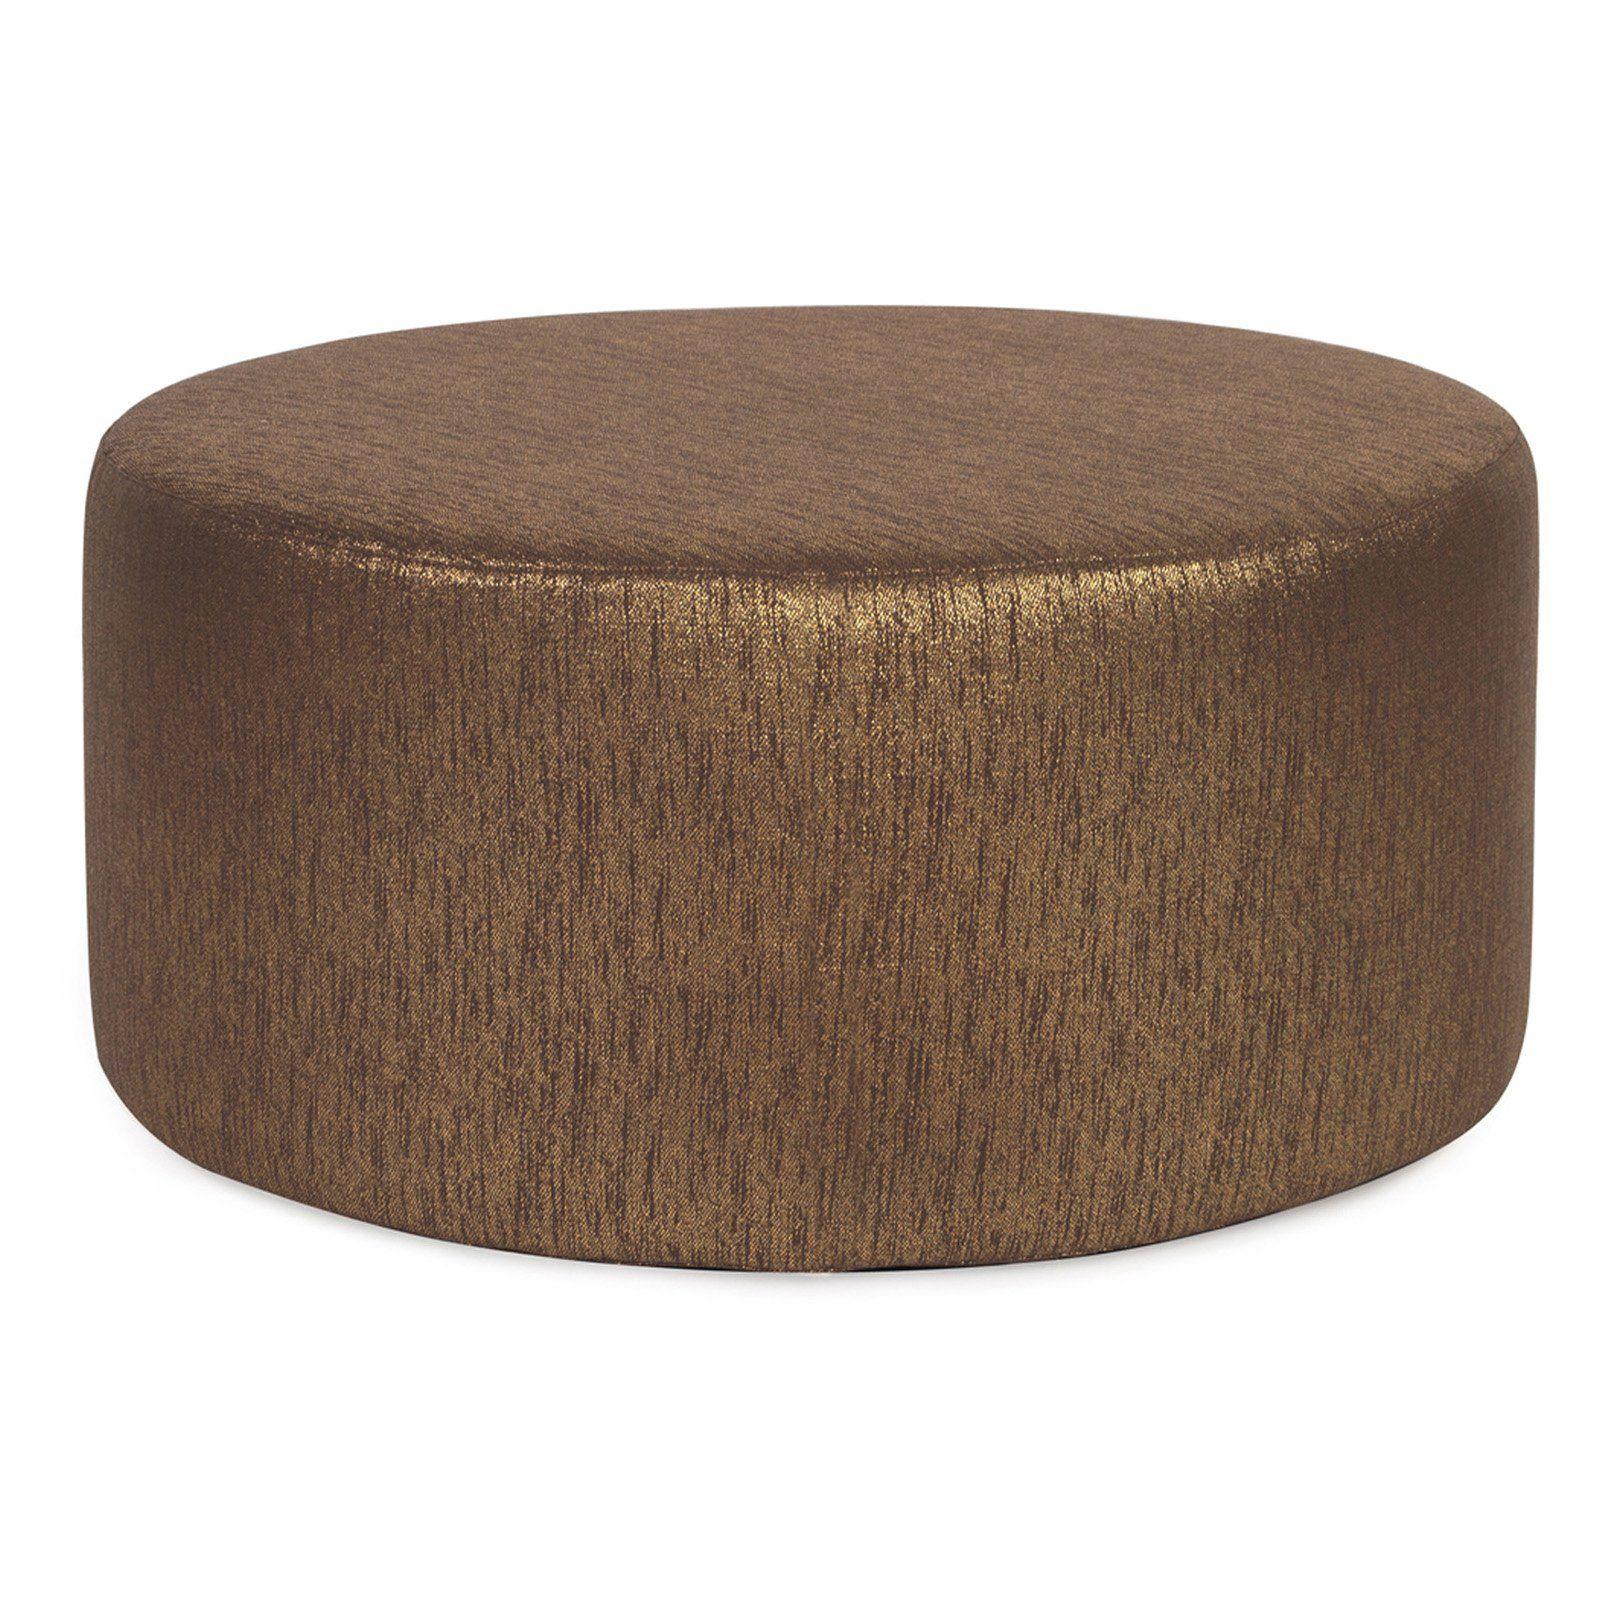 Elizabeth Austin Universal Glam Round Ottoman In 2020 Ottoman Slipcover Round Ottoman Upholstered Ottoman